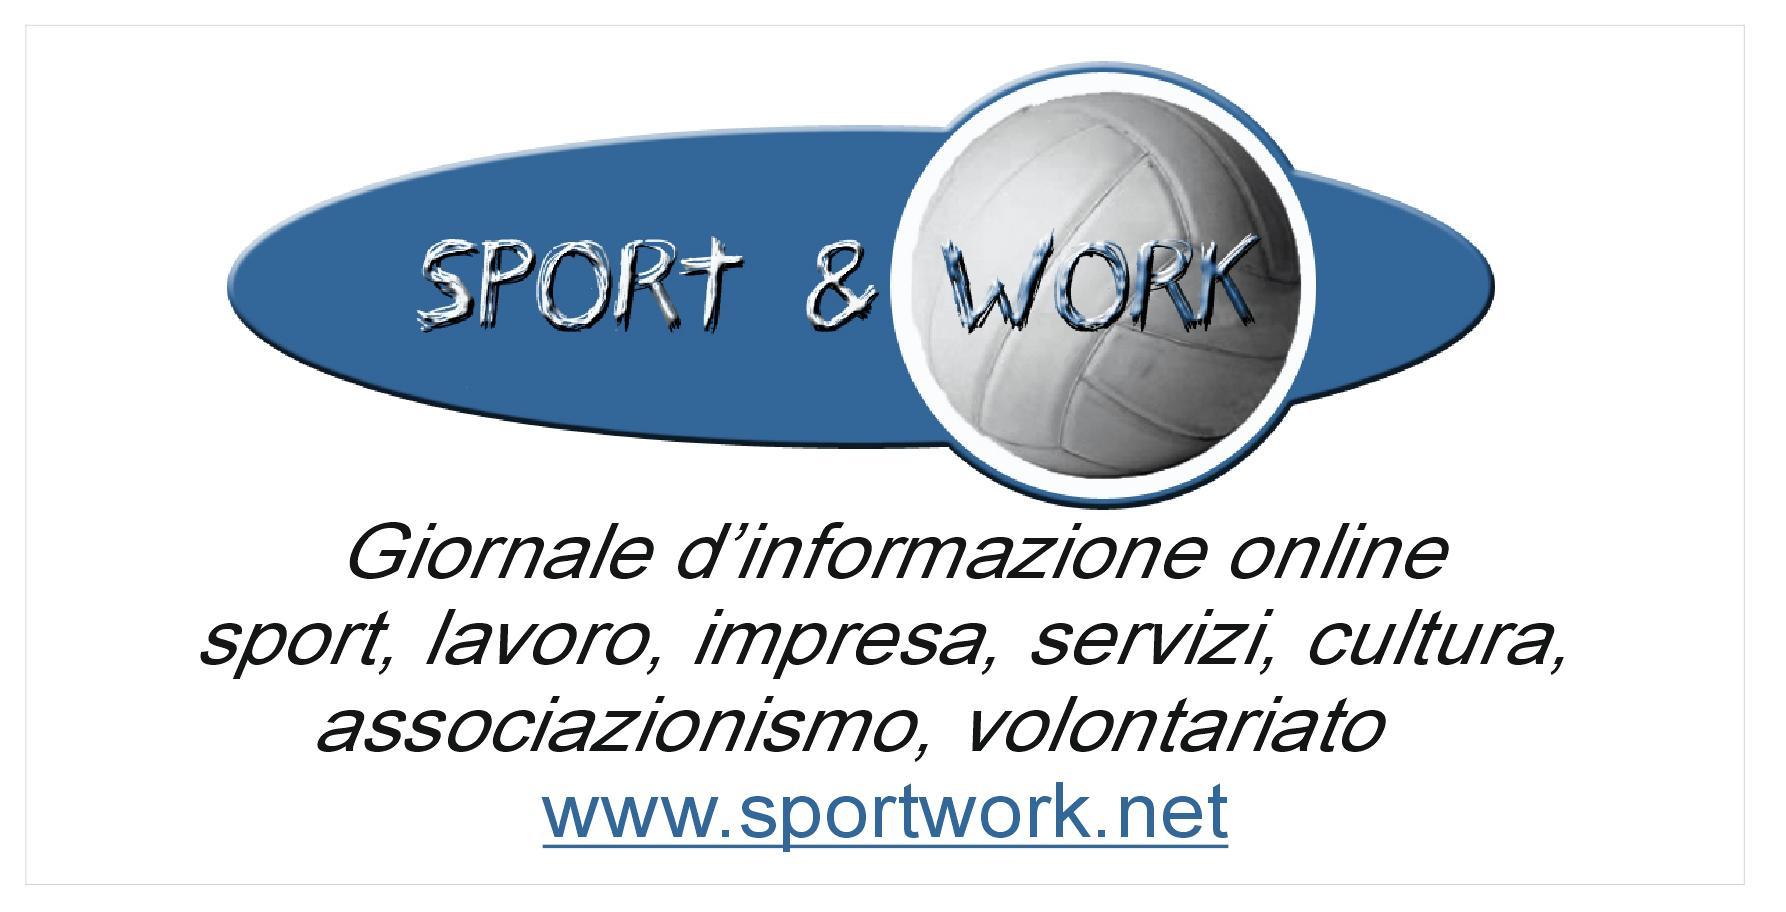 Sport & Work ricerca collaboratori commerciali